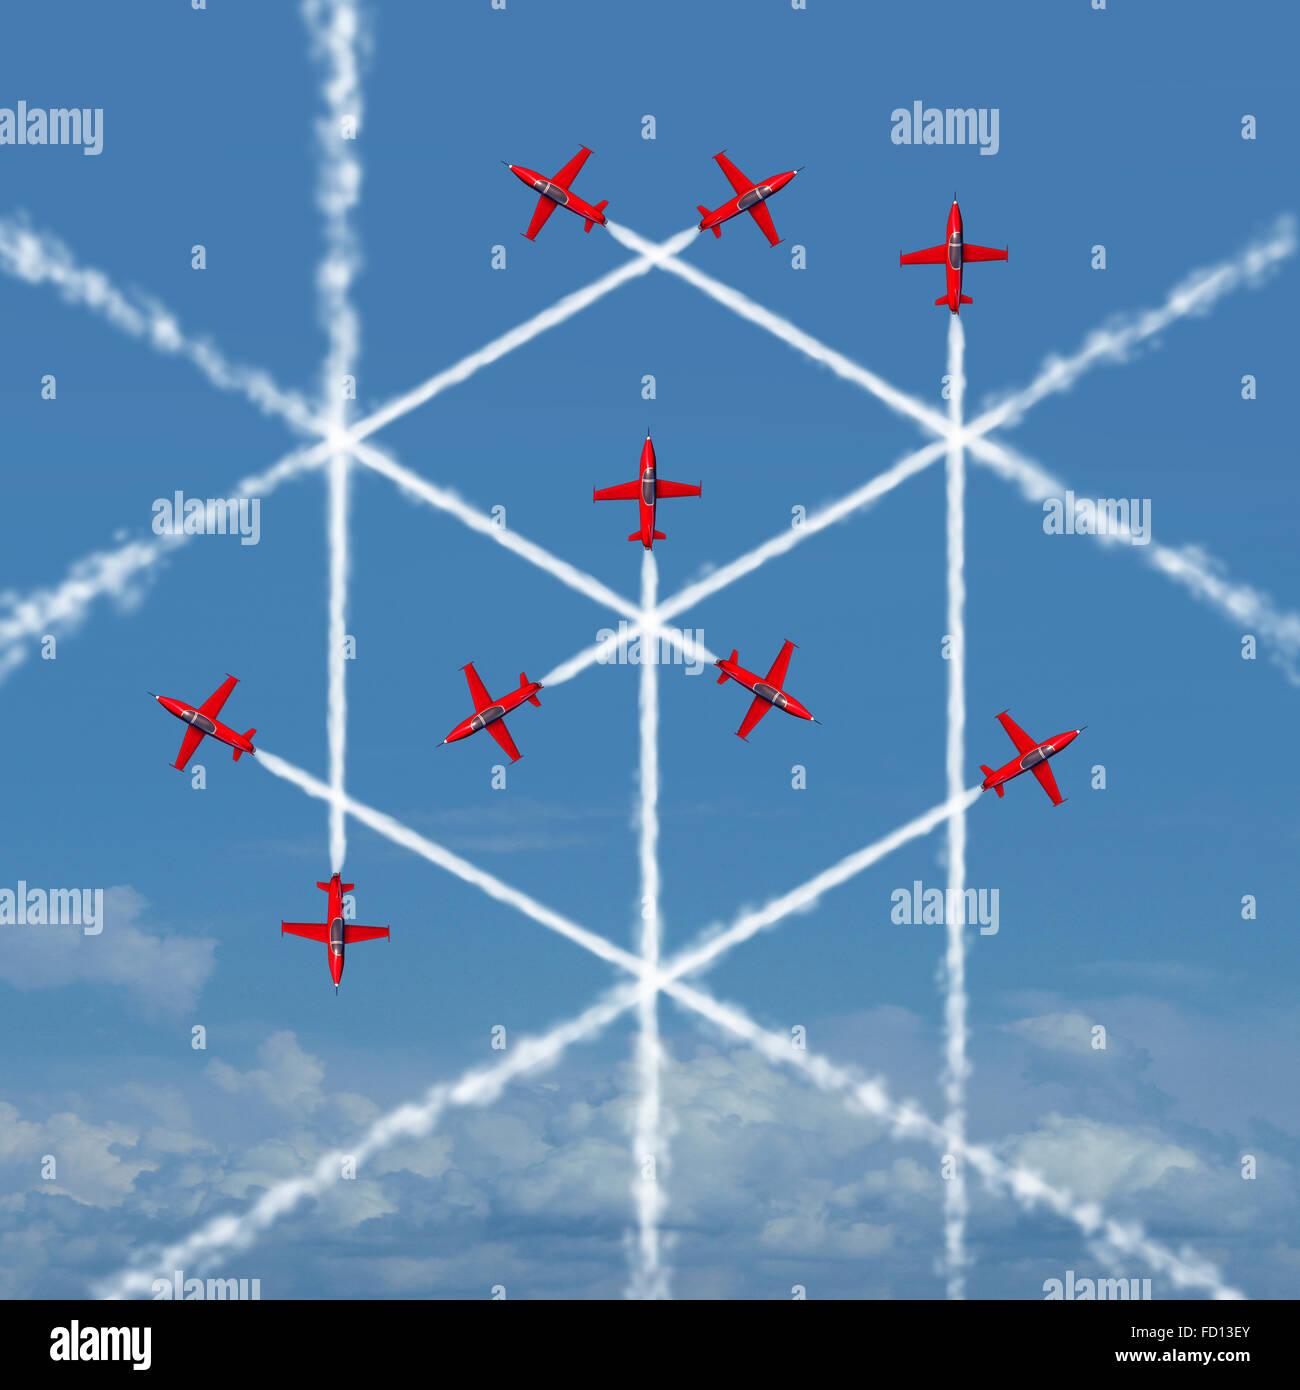 Cubo geometrico nozione come un astratto tridimensionale forma quadrata creato dal sentiero di fumo di volare aerei Immagini Stock